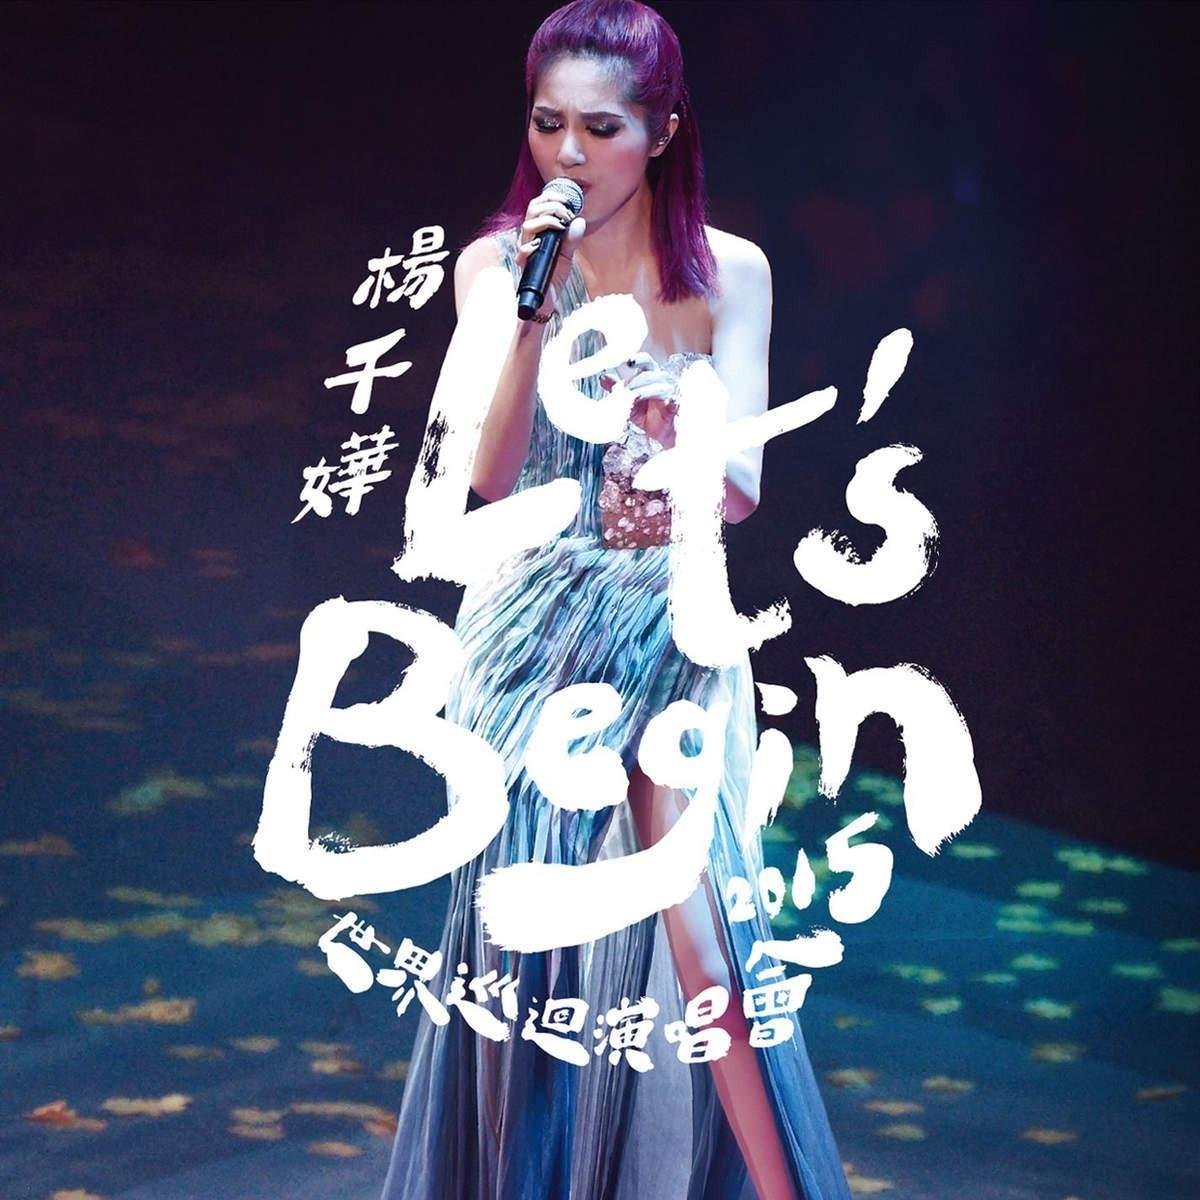 杨千嬅2015世界巡回演唱会海报